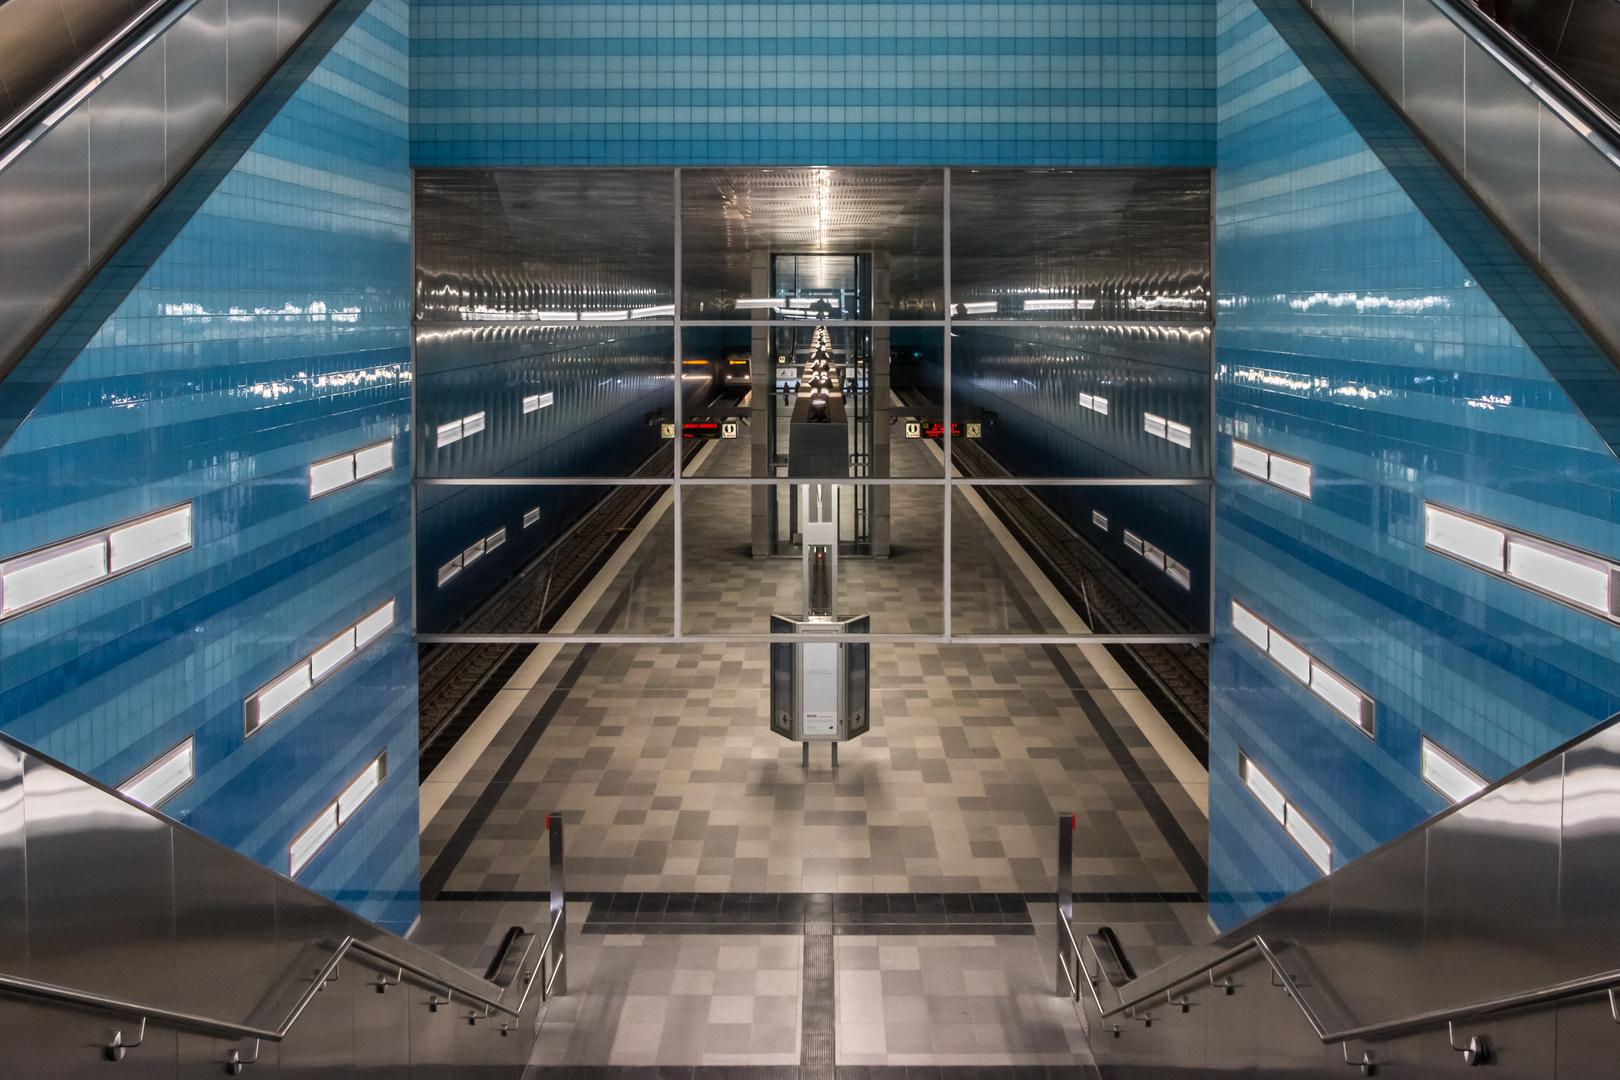 Subway or Spaceship Interior? - U-Bahn Überseequartier in Hamburg